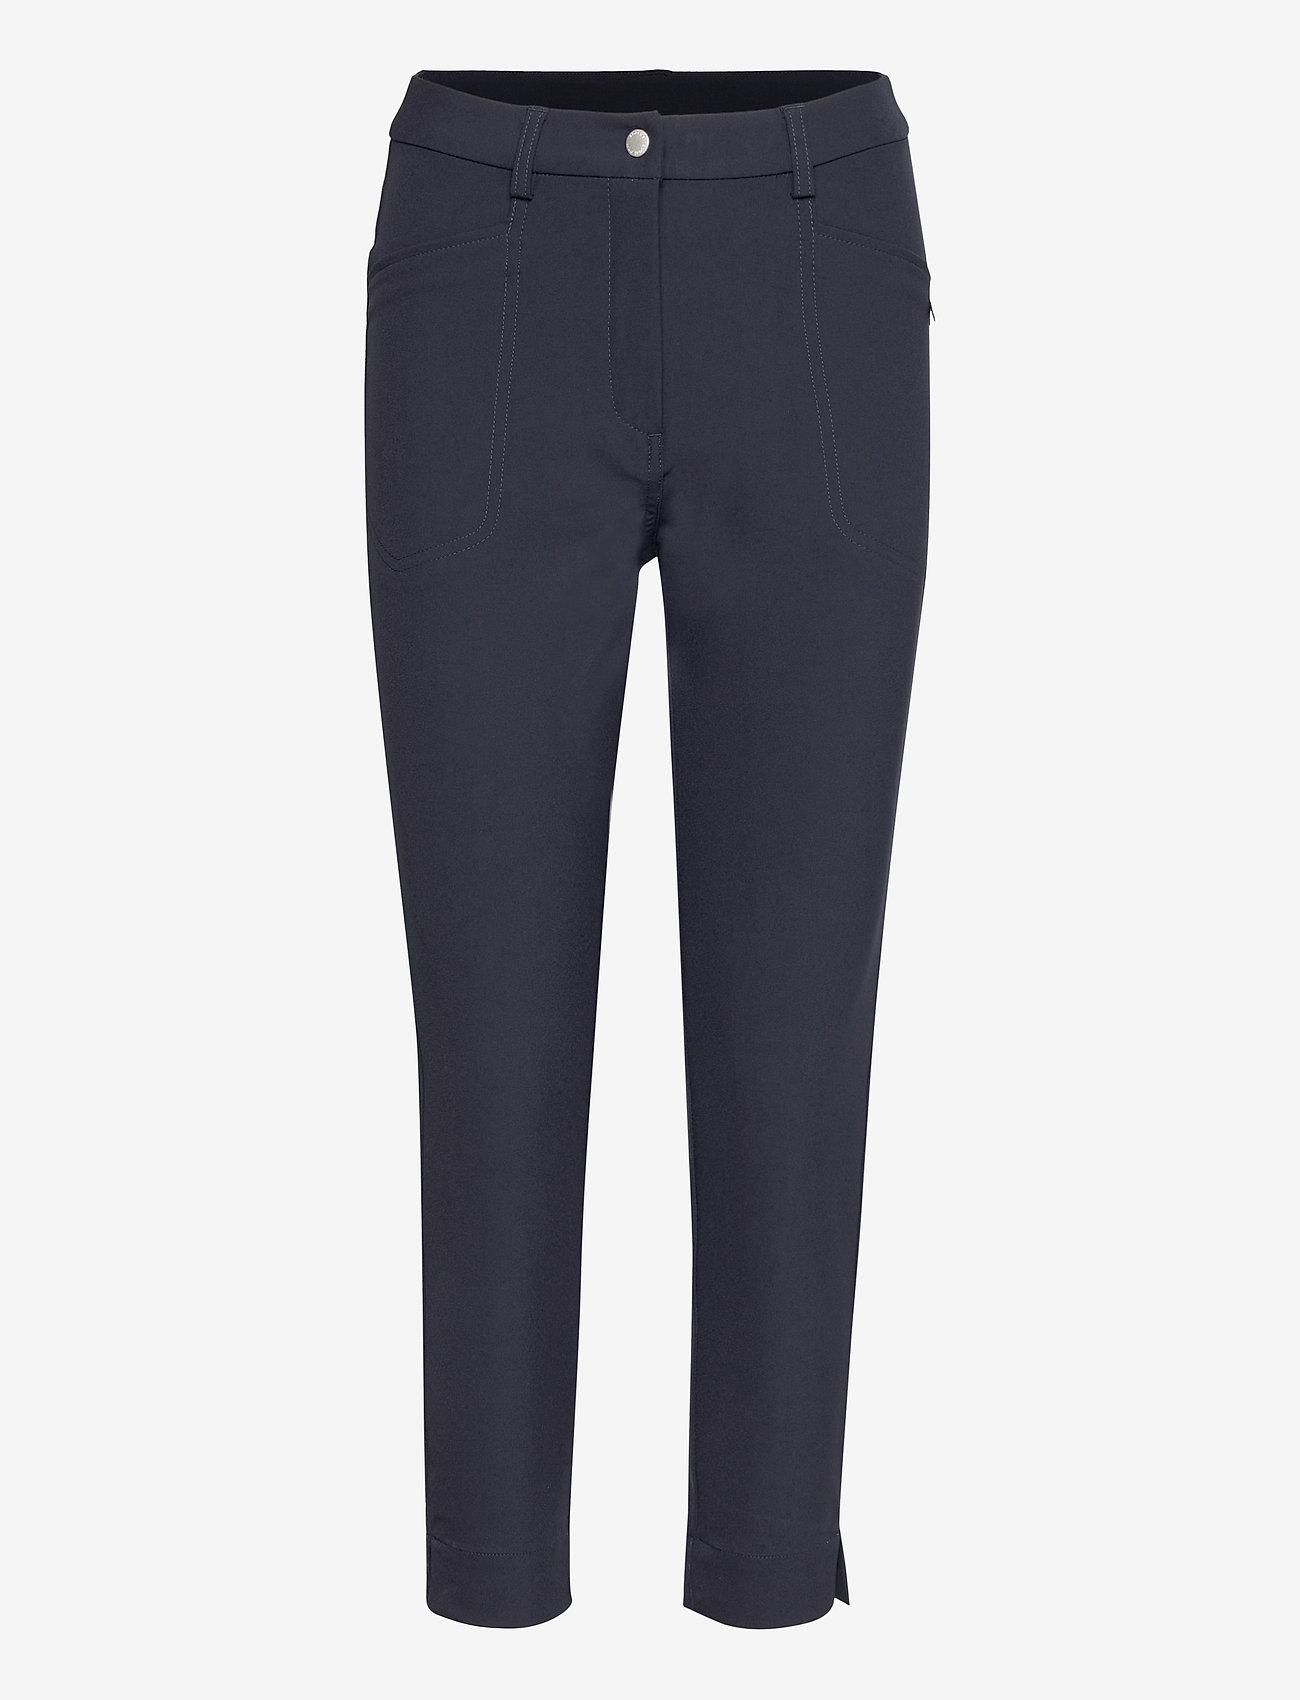 Abacus - Lds Grace high waist 7/8 trousers 92cm - golfbroeken - navy - 0